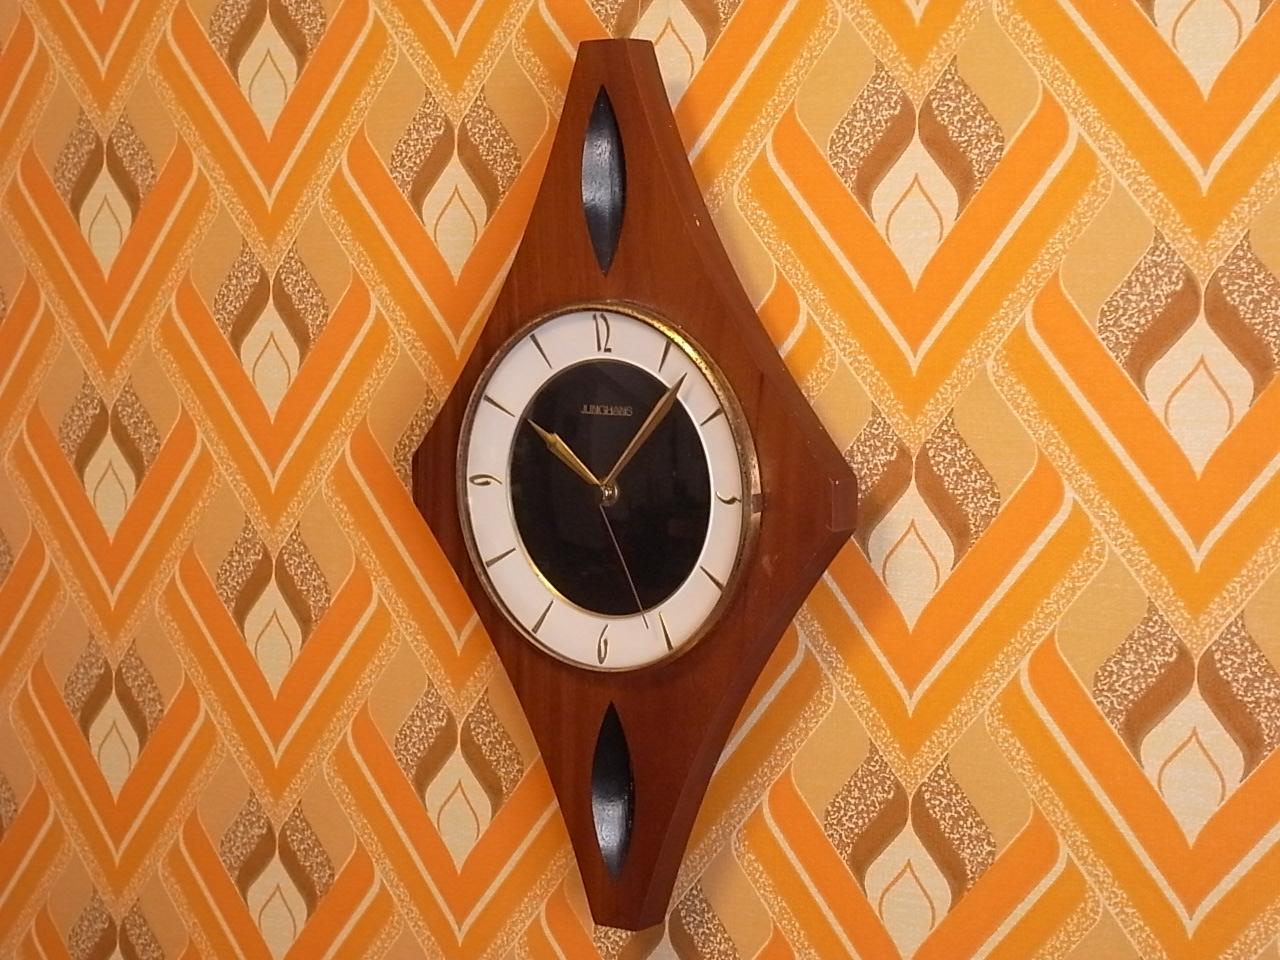 ユンハンス 木製ウォールクロック エレクトロニックの写真4枚目